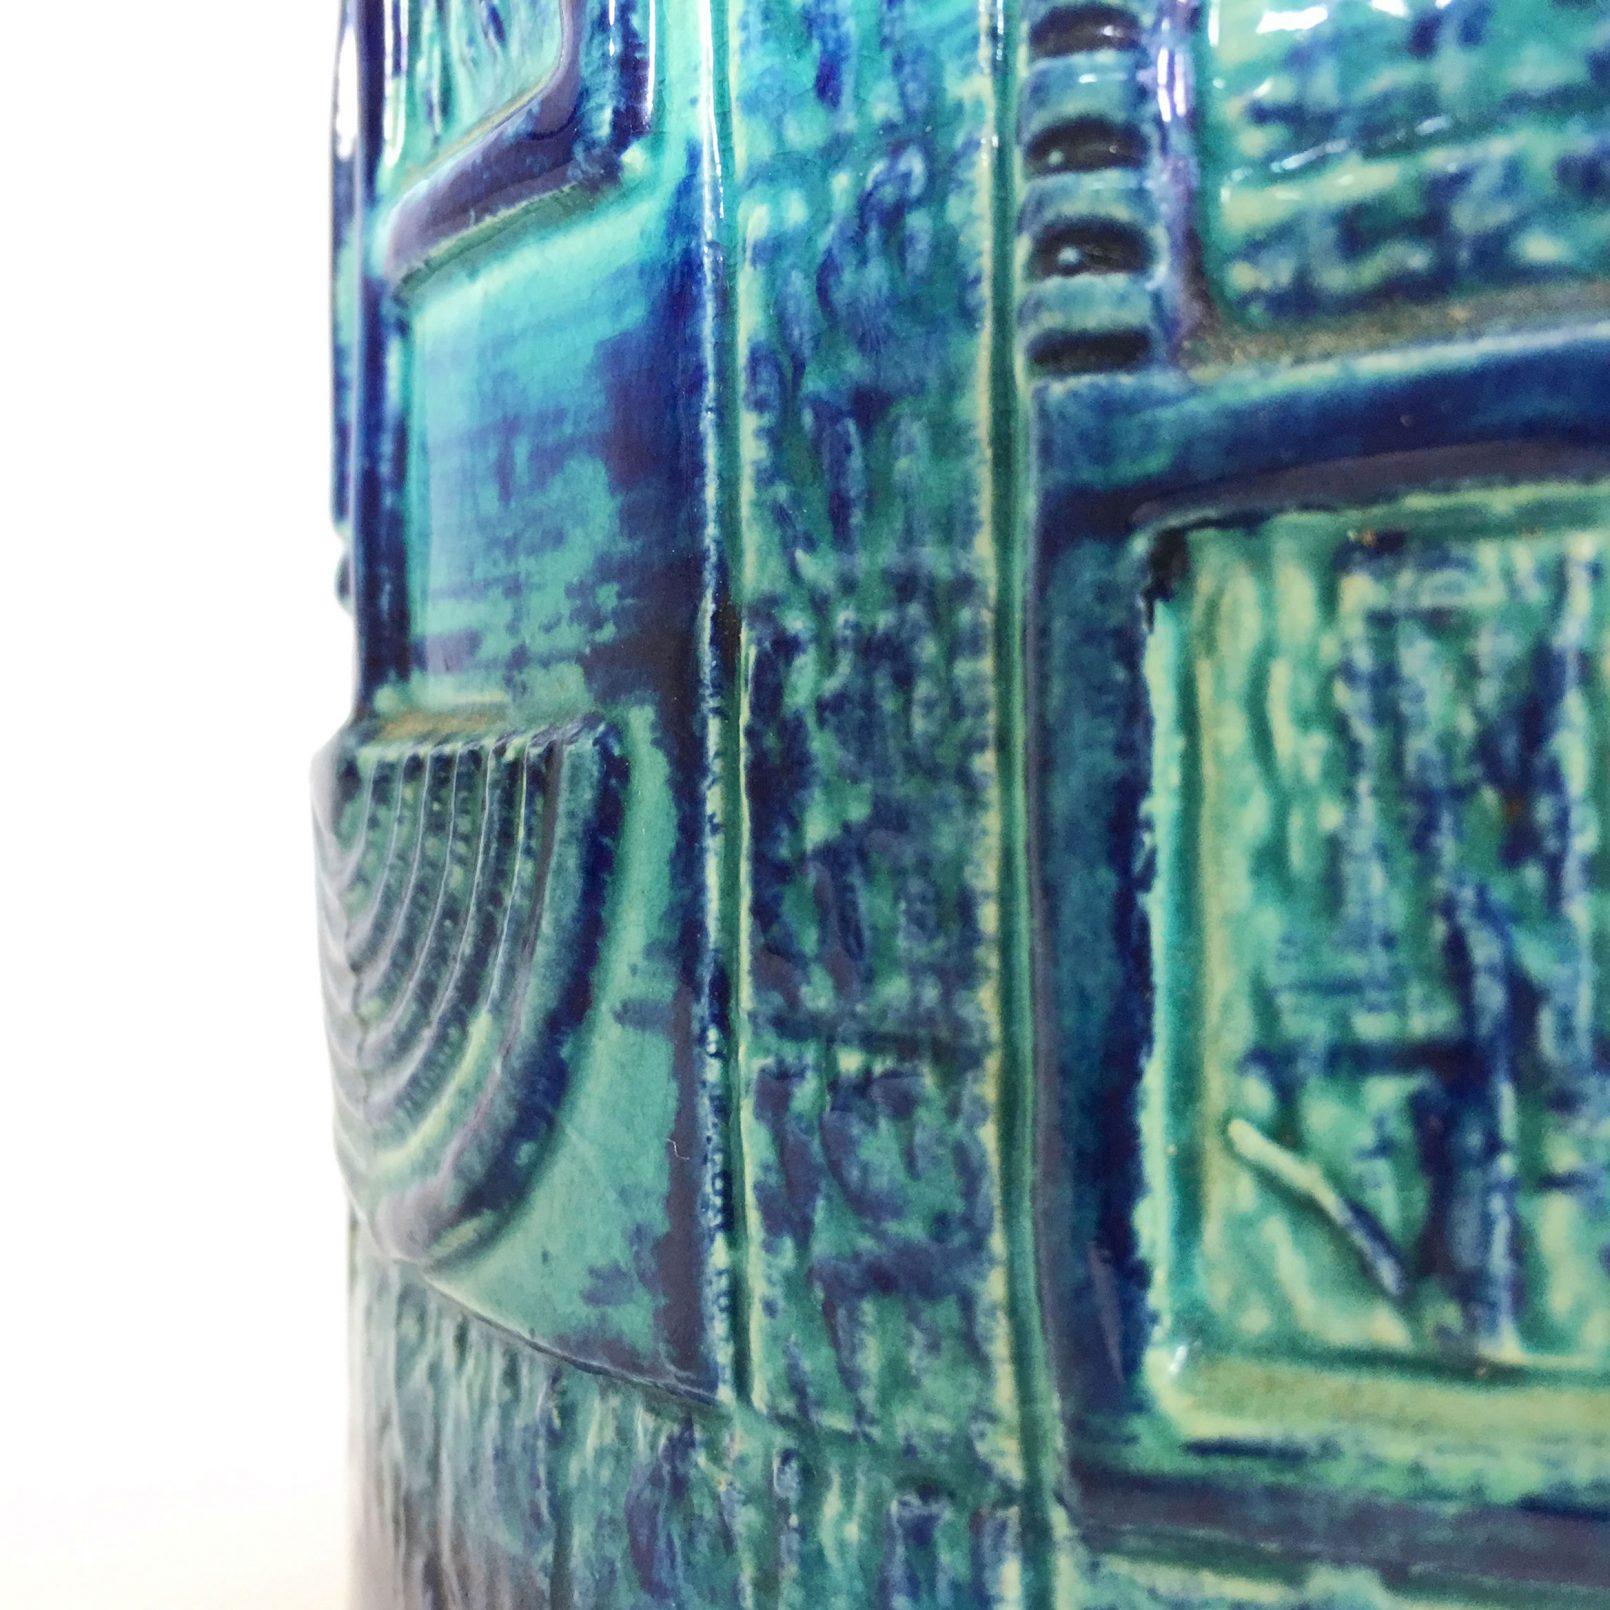 Vase en céramique vernissée bleue.